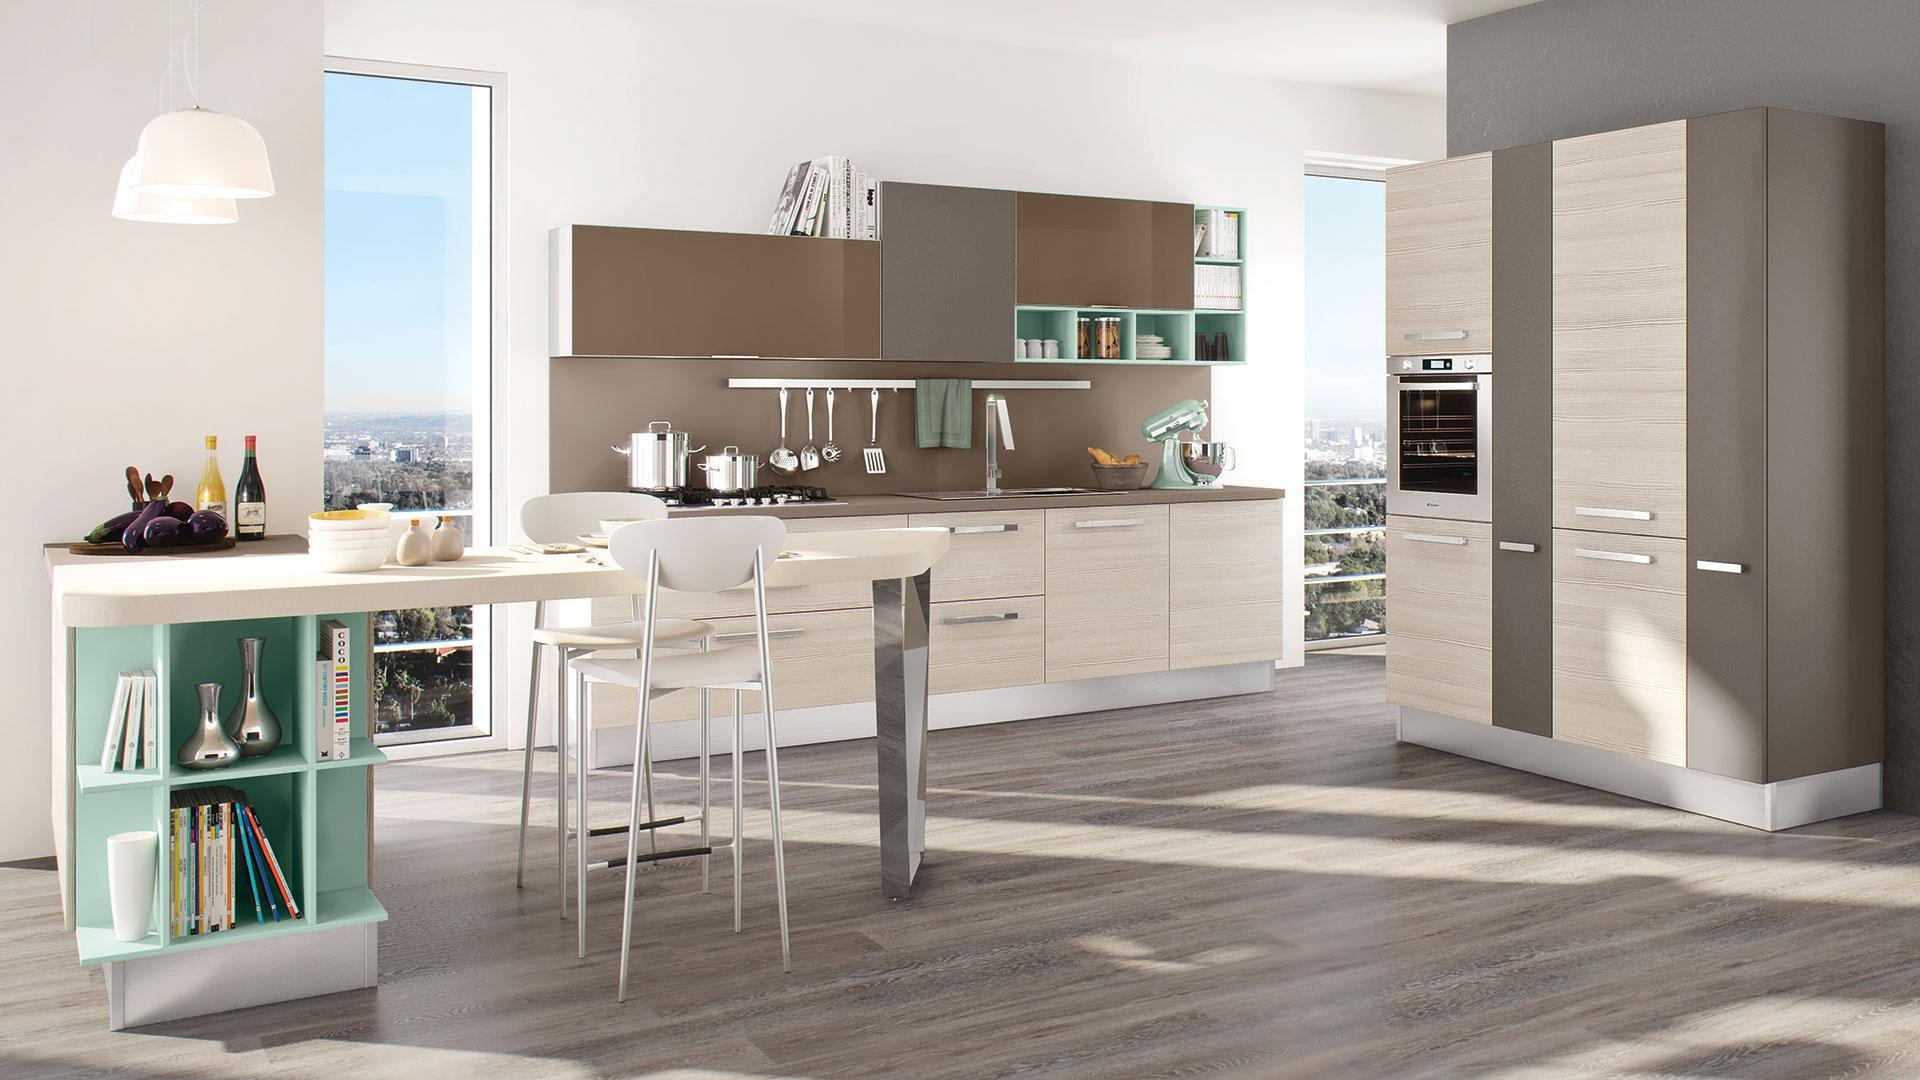 in cucina la parete sopra il lavandino il piano di lavoro e i fornelli particolarmente delicata anche perch soggetta spesso a schizzi dacqua schizzi